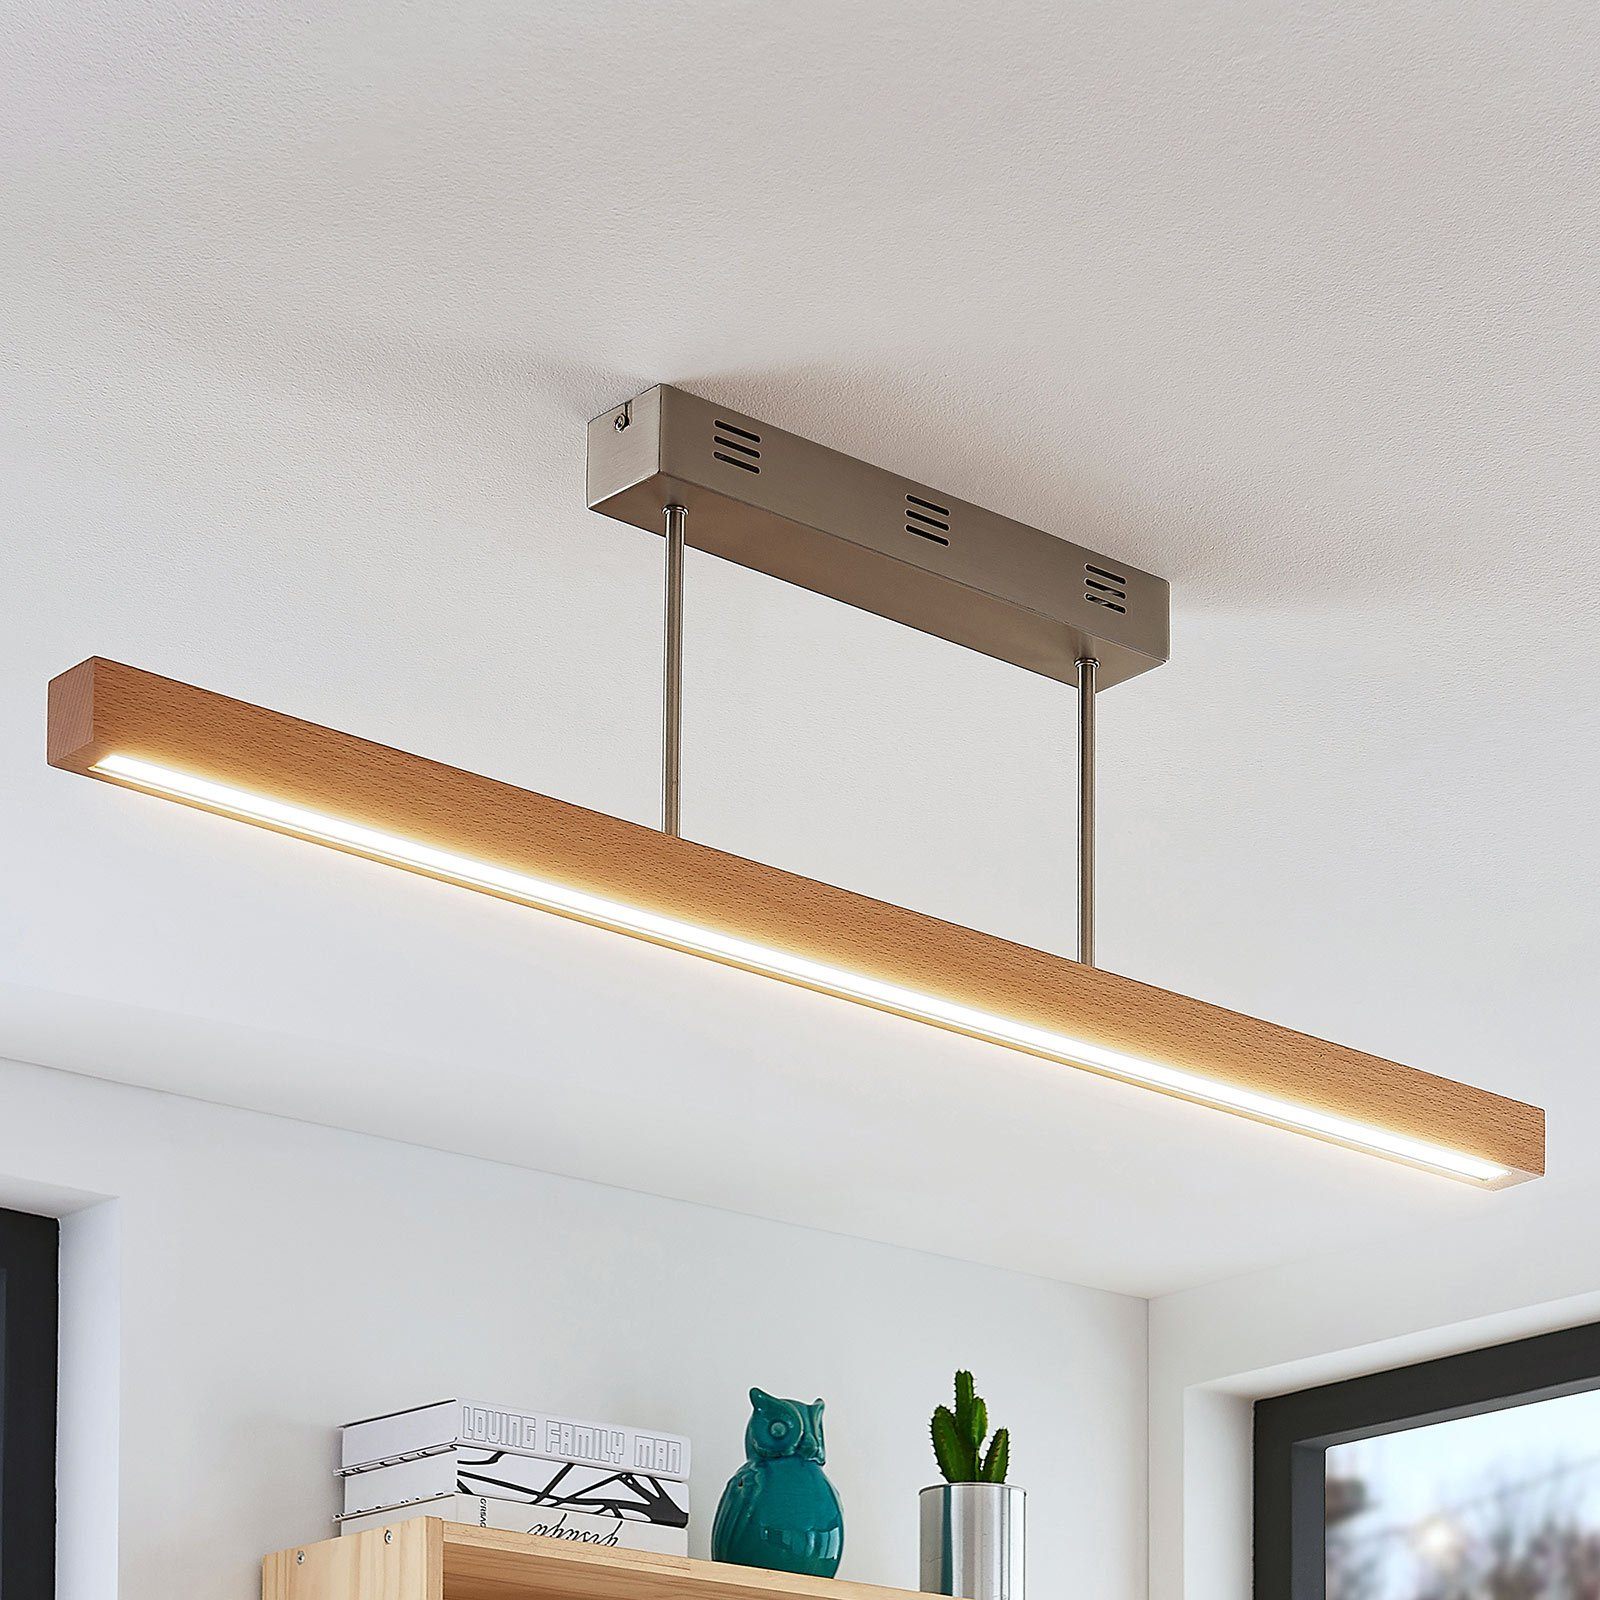 LED-tretaklampe Tamlin, bøk, 100 cm